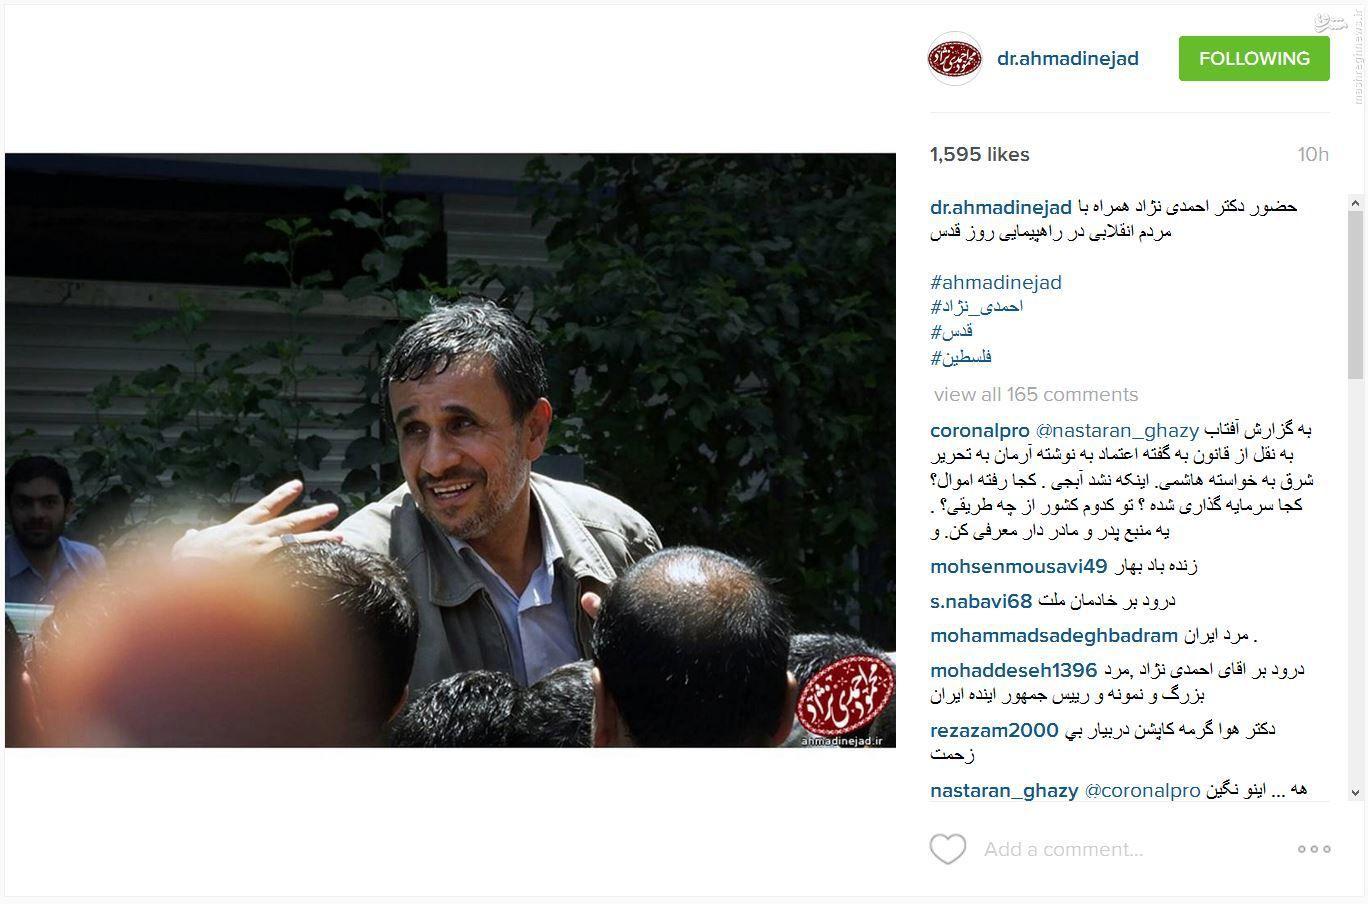 عکس روز قدس در اینستاگرام احمدینژاد